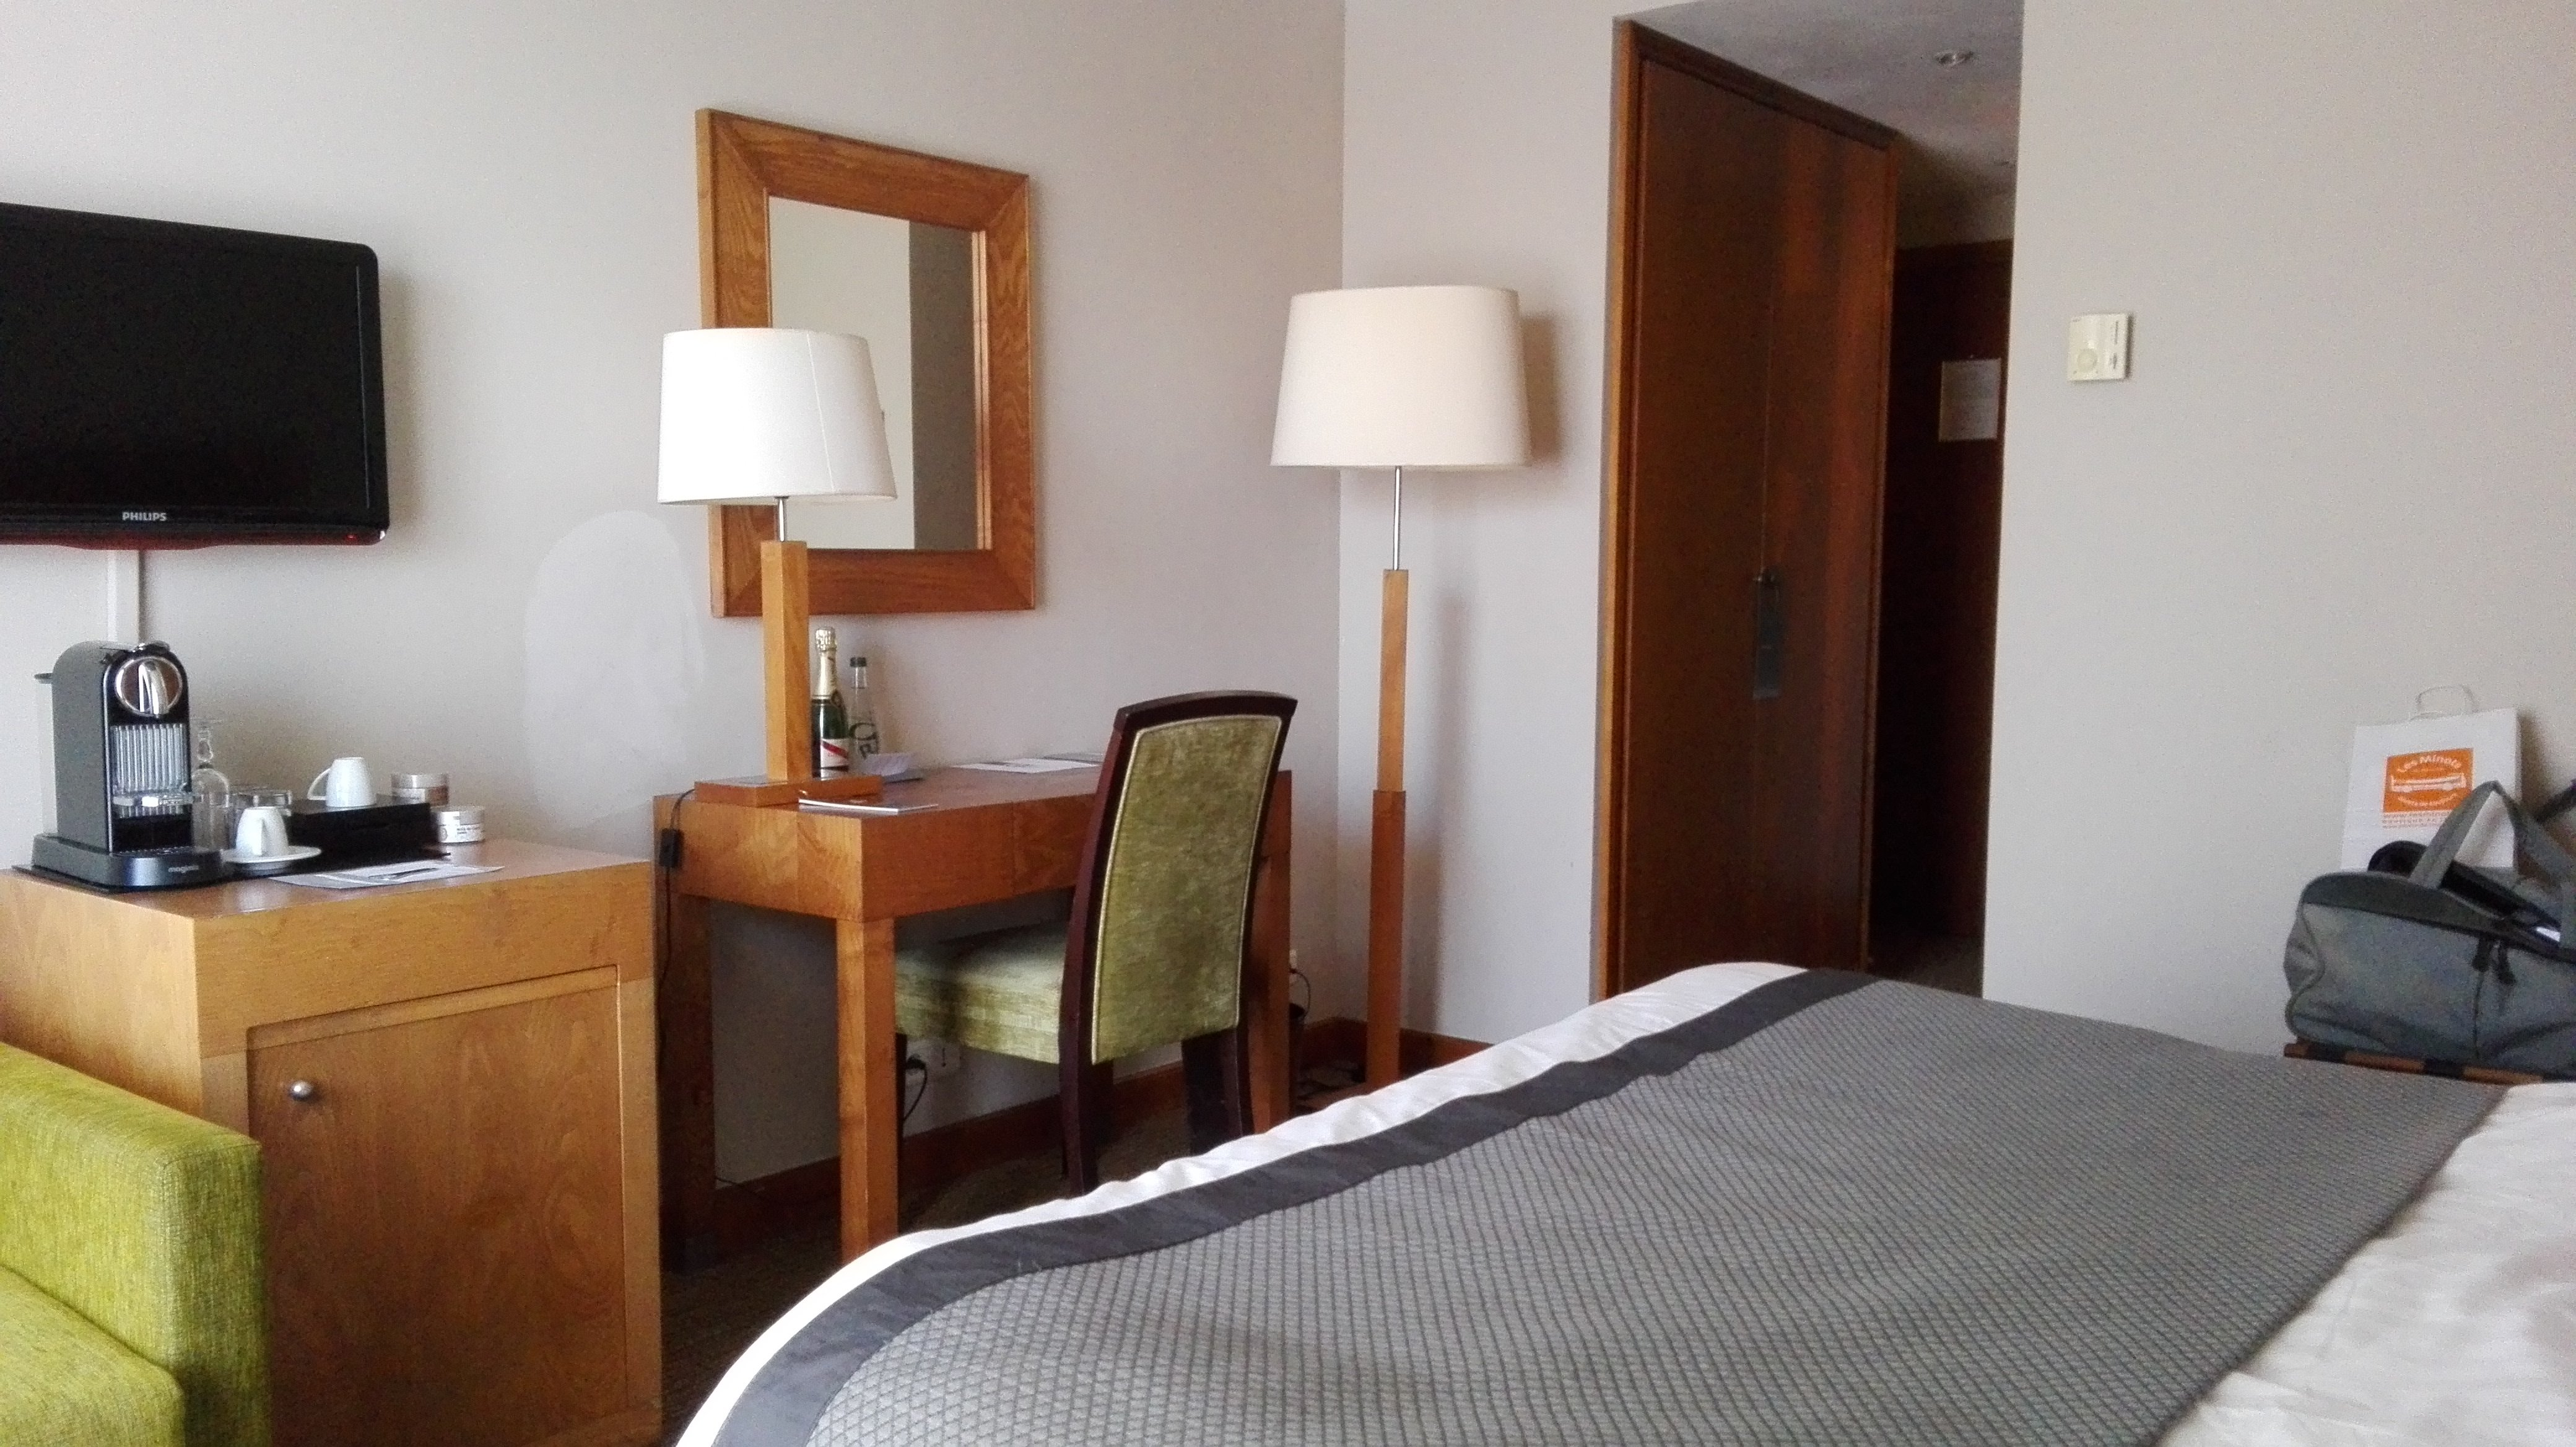 ニュー ホテル ボンパール